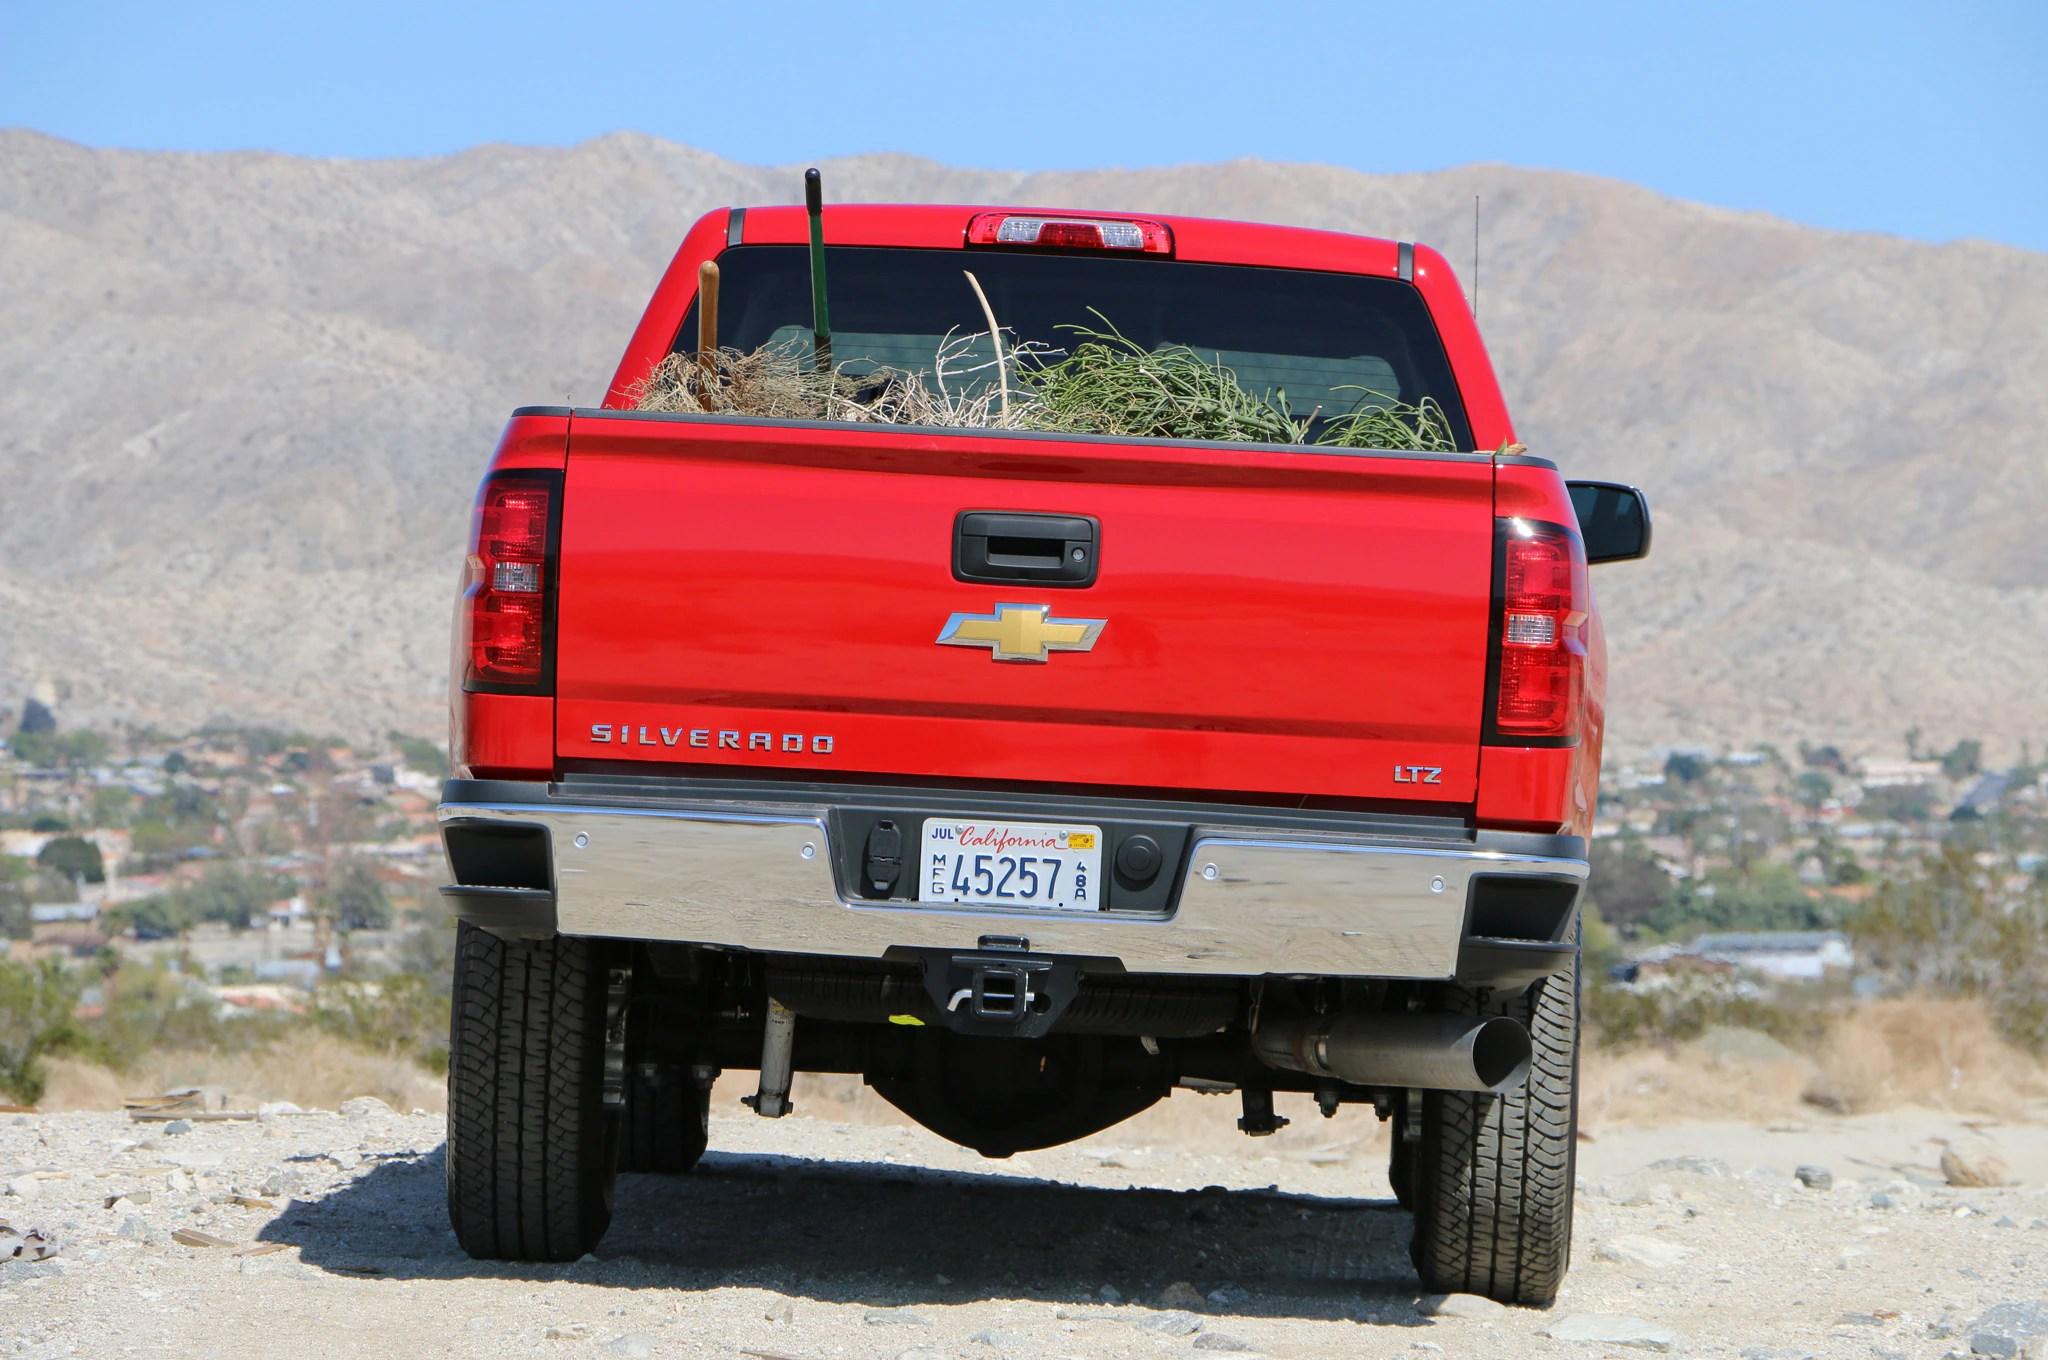 2015 Chevy Silverado Rear Junction Block